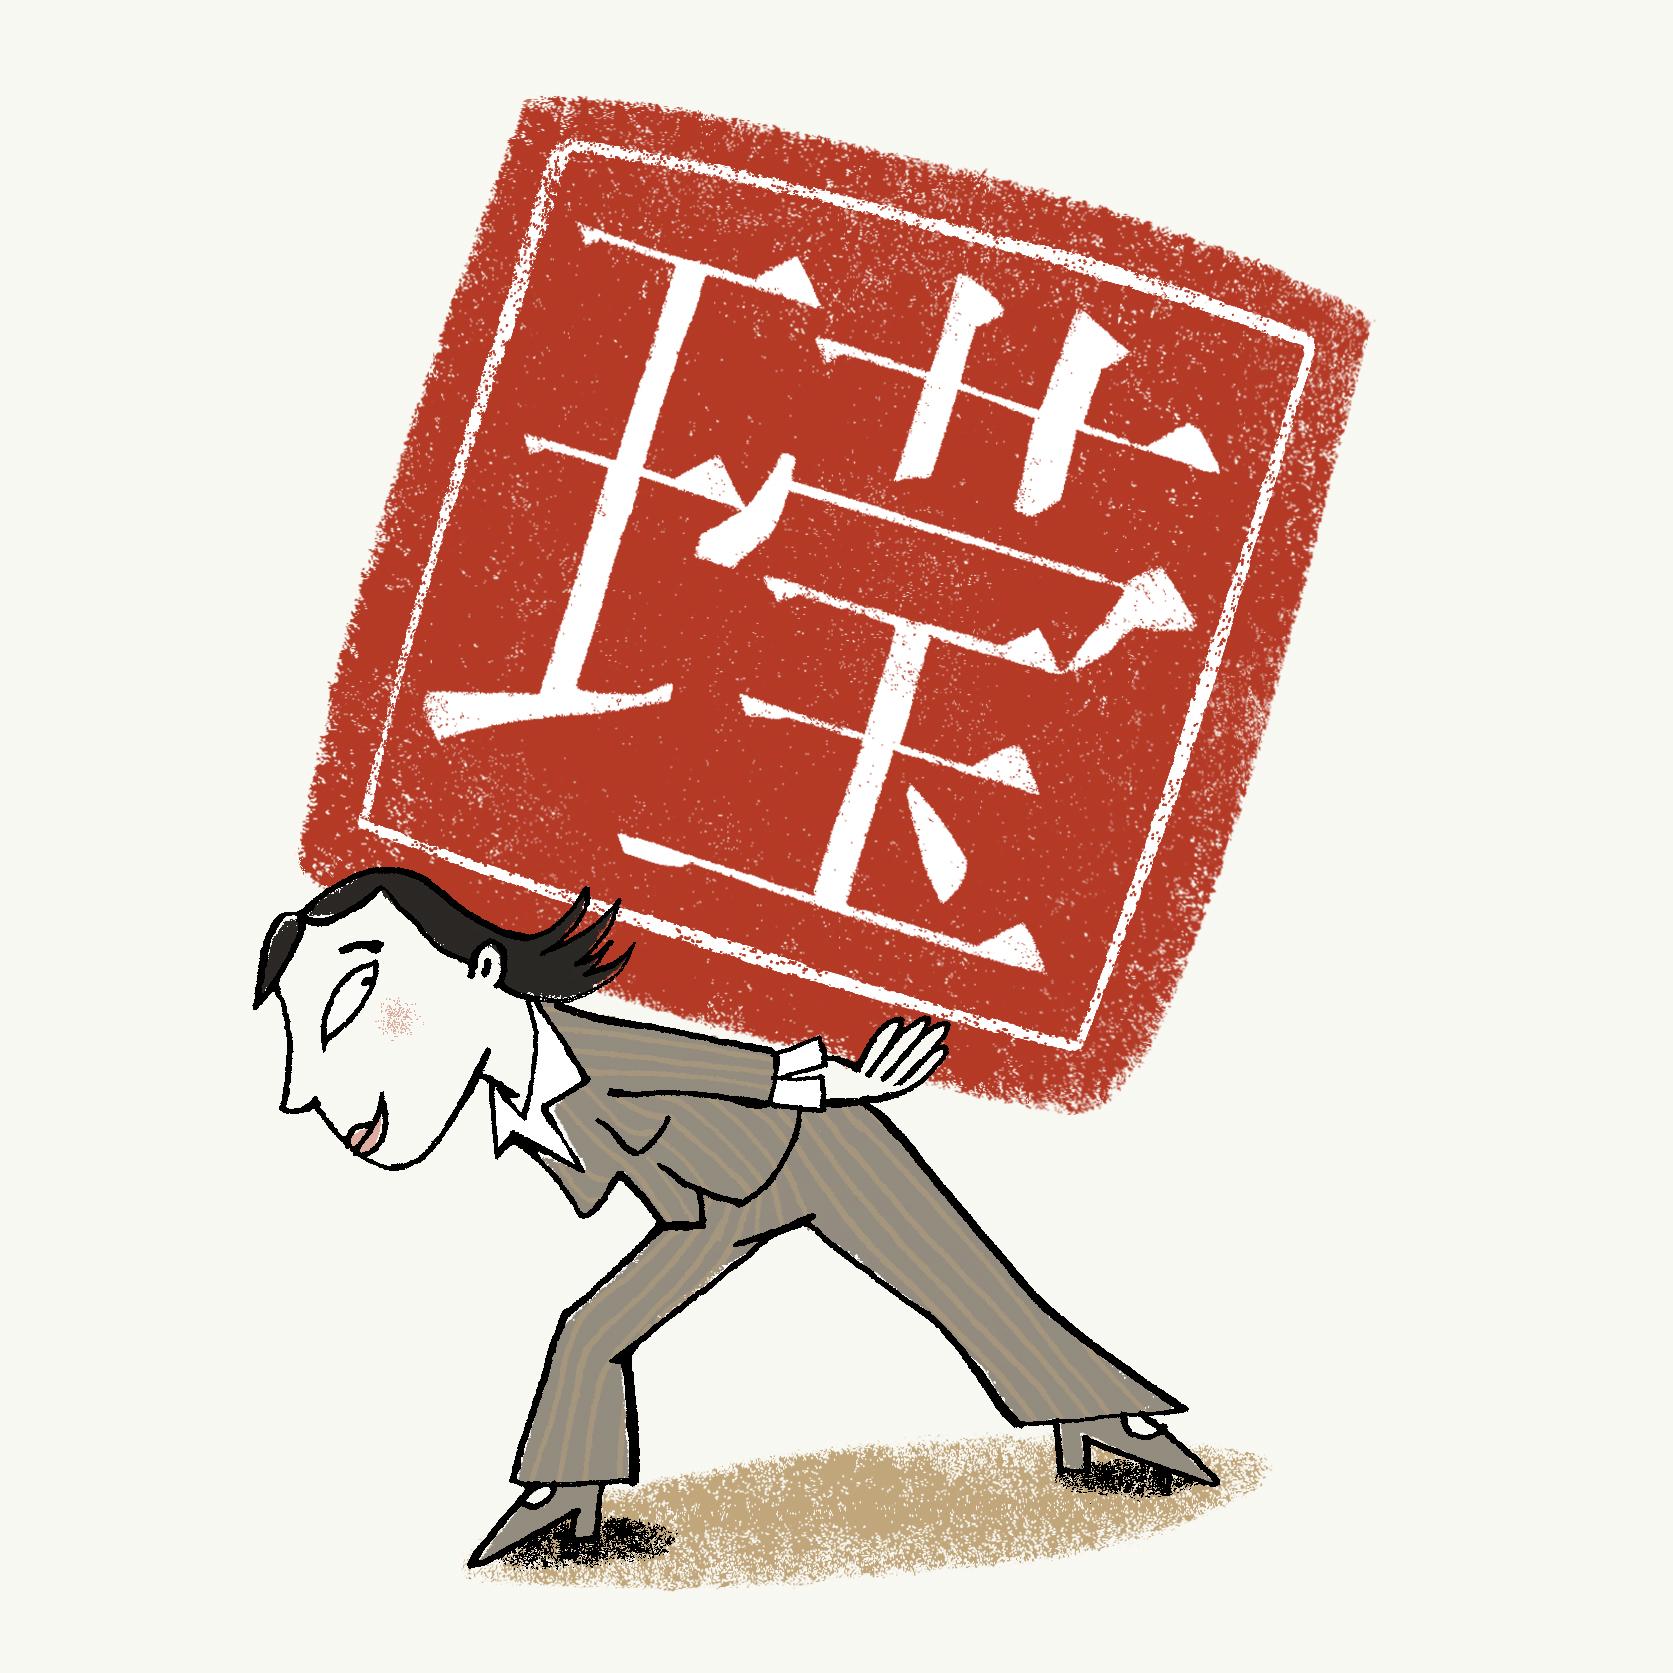 Streich-1843-Economist-Chinese-character.jpg